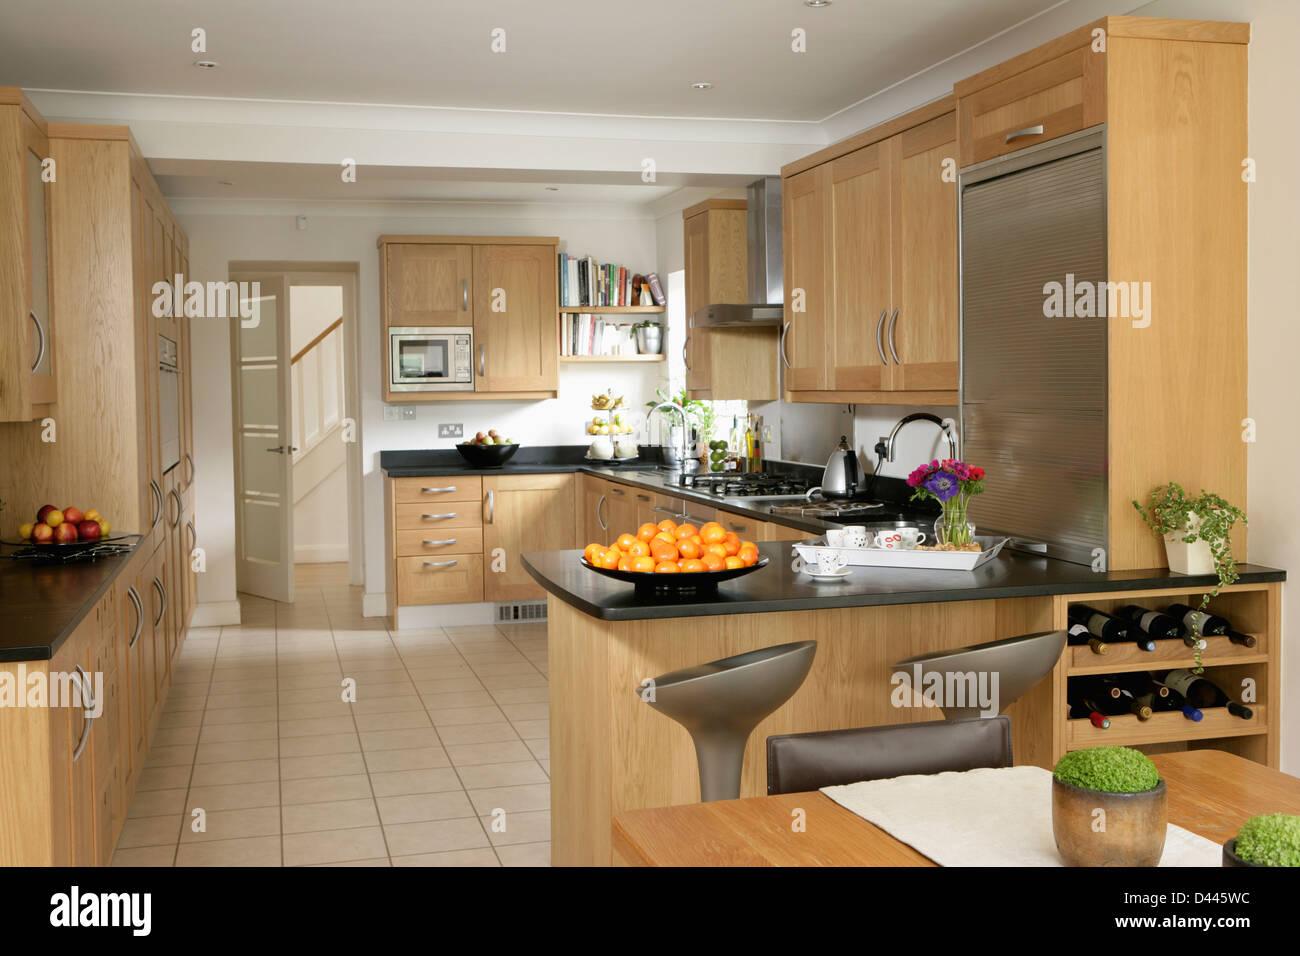 Pavimento piastrellato di bianco nella cucina moderna con legno ...